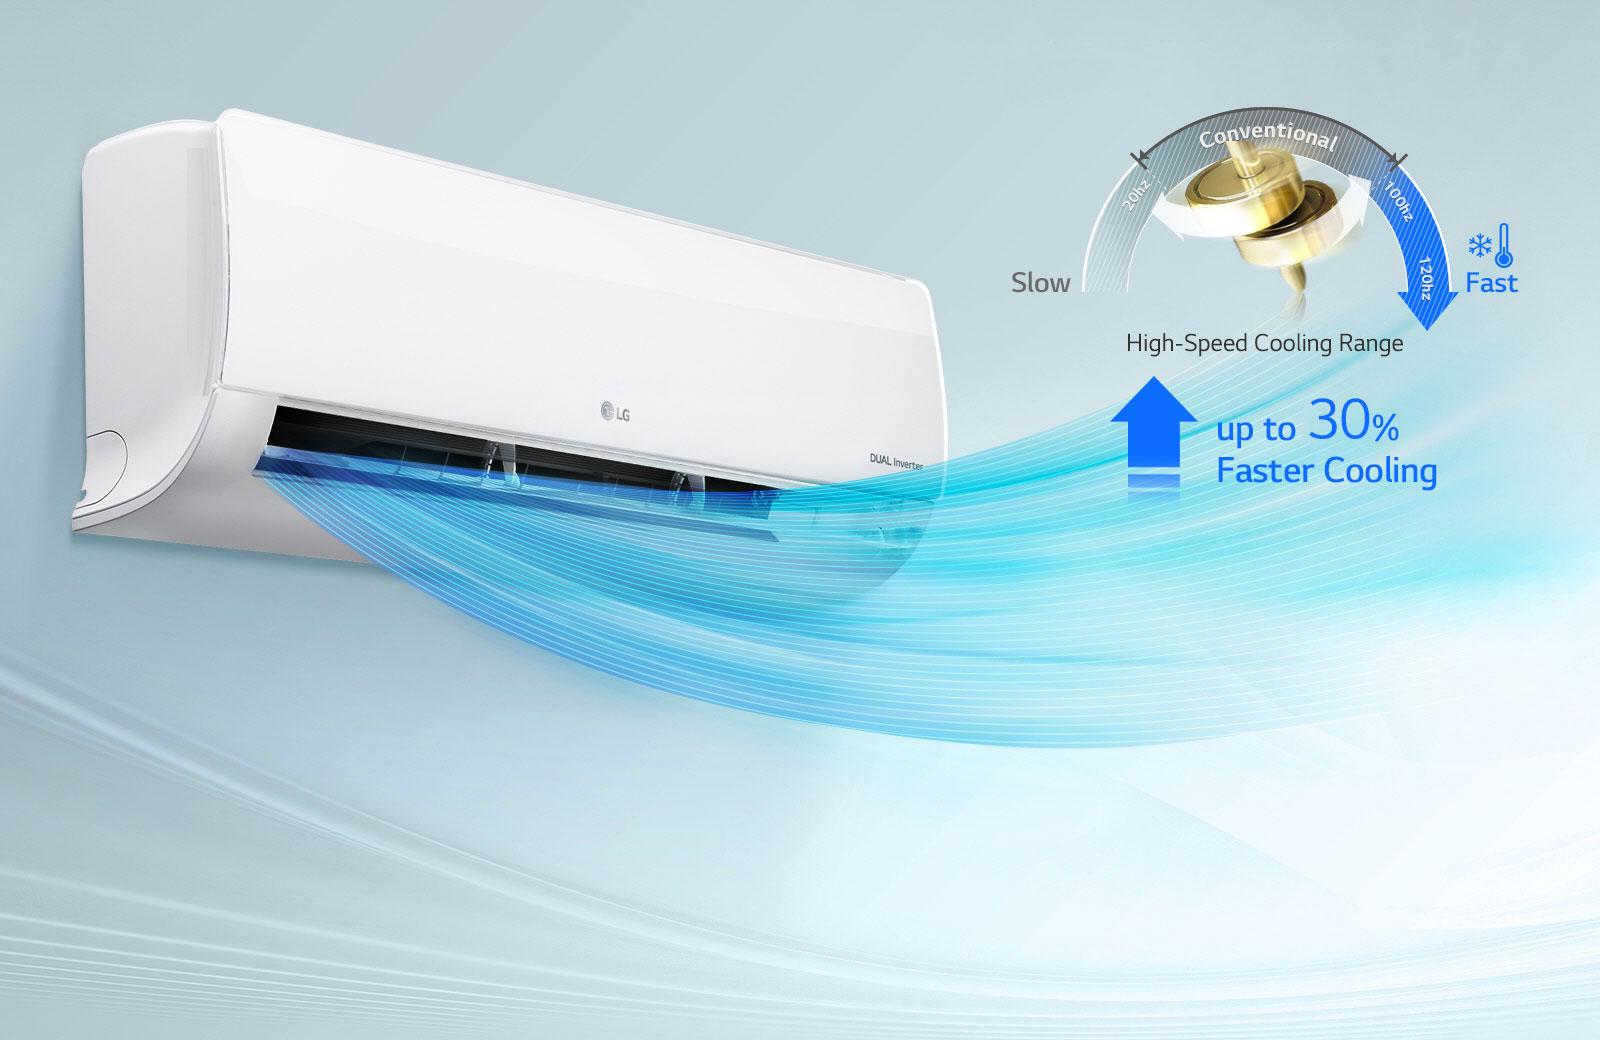 S4-Q24KE3A2_Fast-Cooling_26032019_D_v